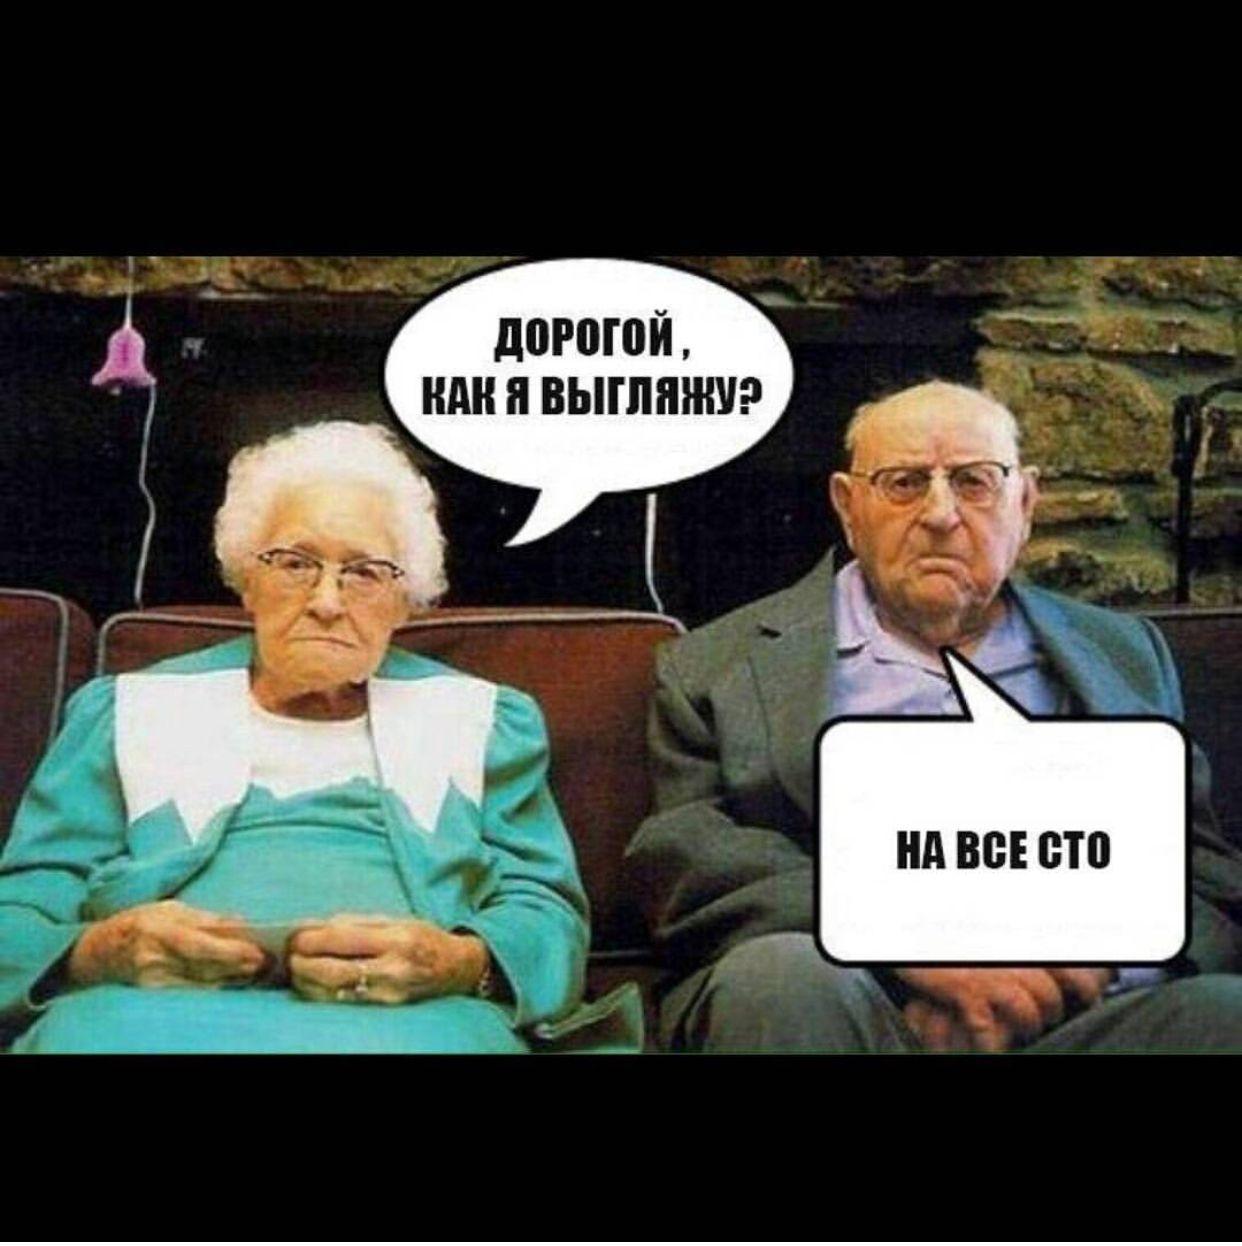 картинка со стариками почему ты не говоришь что любишь меня глухой деревни новгородского